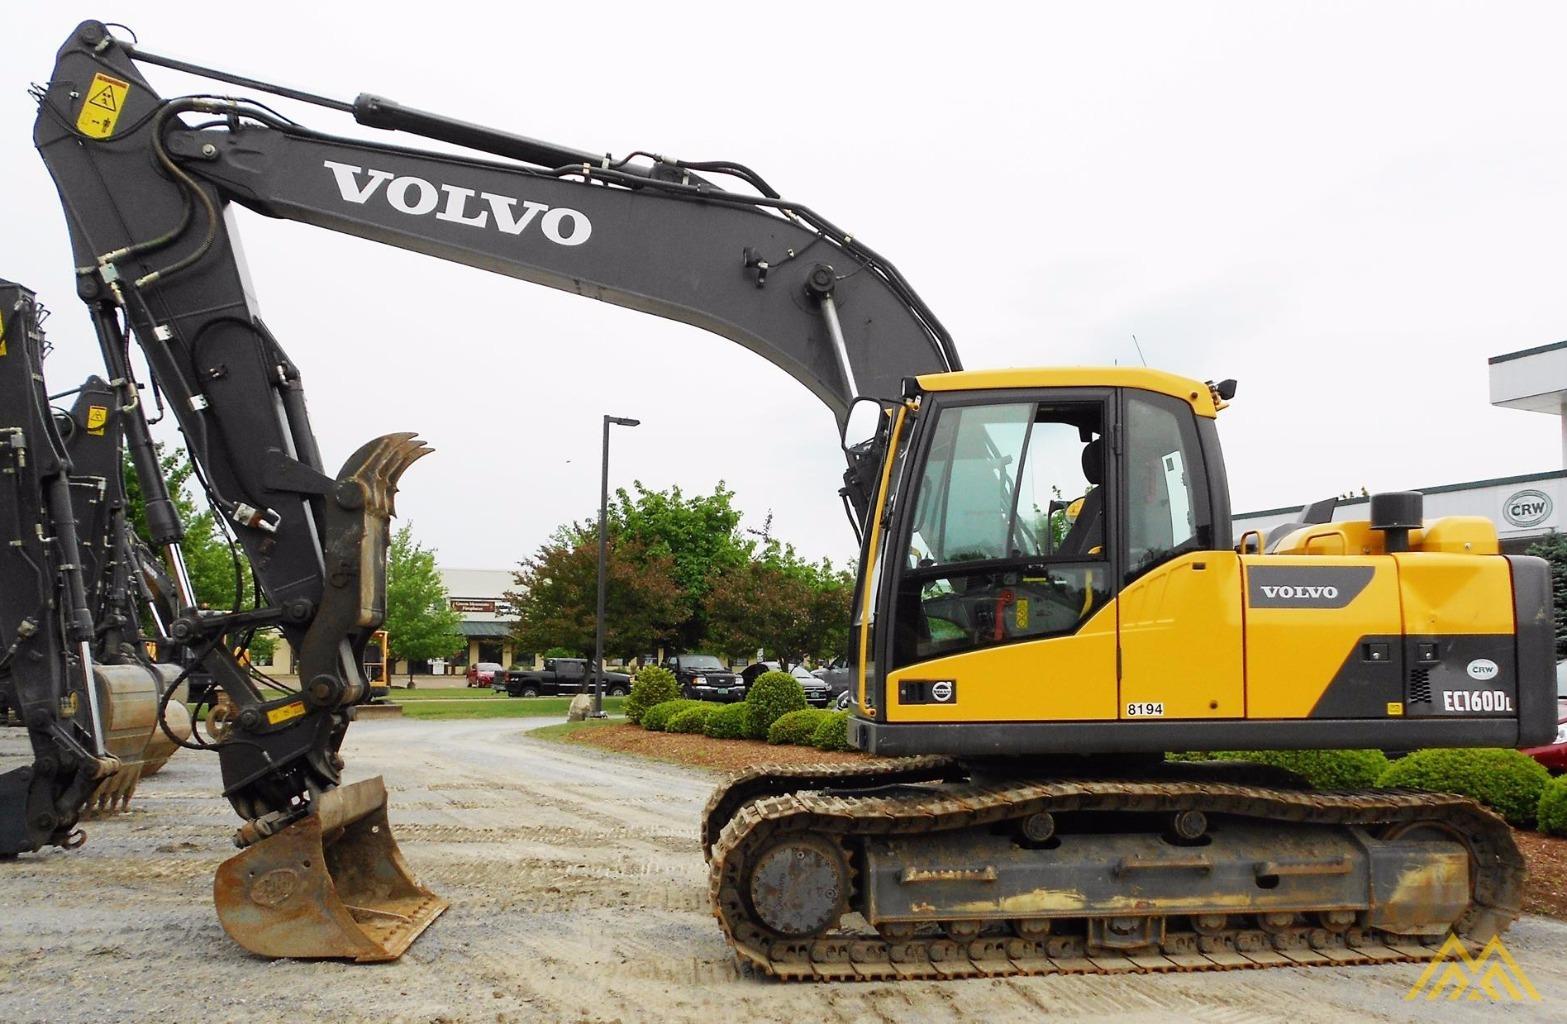 Volvo EC160DL Crawler Excavator 0